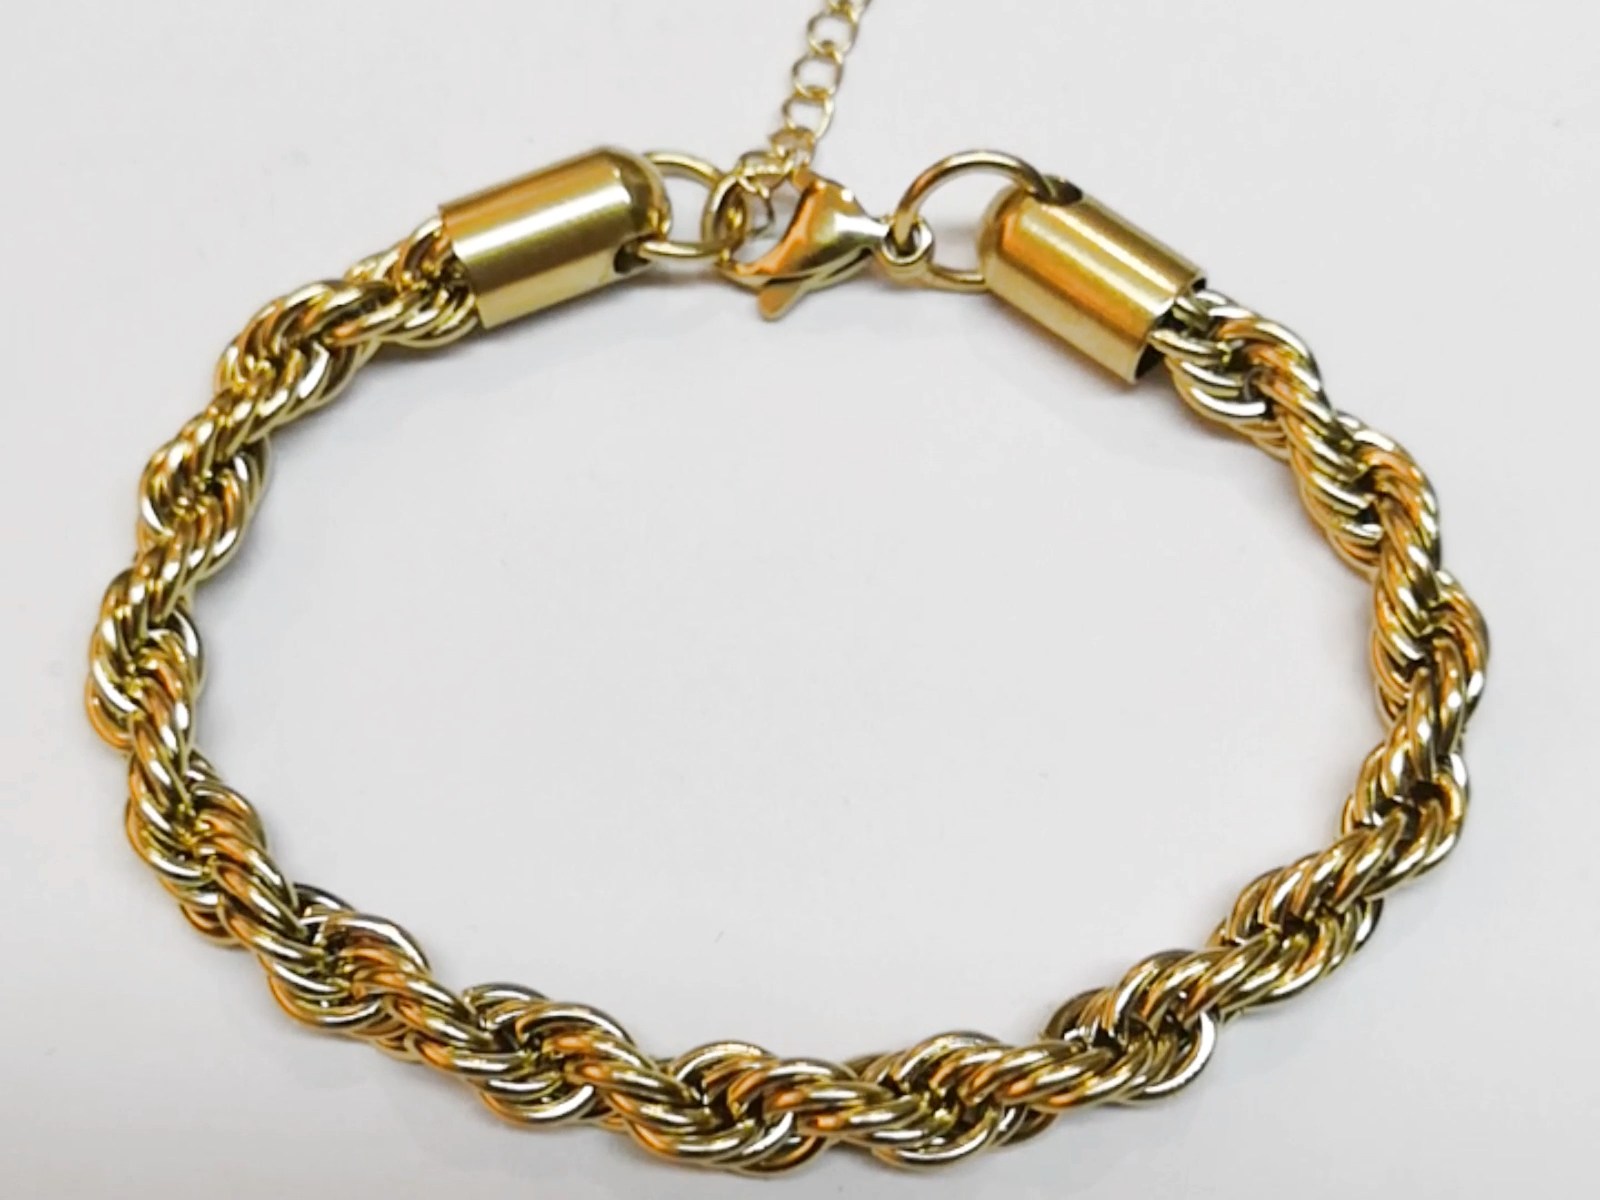 Bijoux de mode Bon Marché rentable 18K Plaqué Or En Acier Inoxydable Ficelle Torsion Bracelet B202080